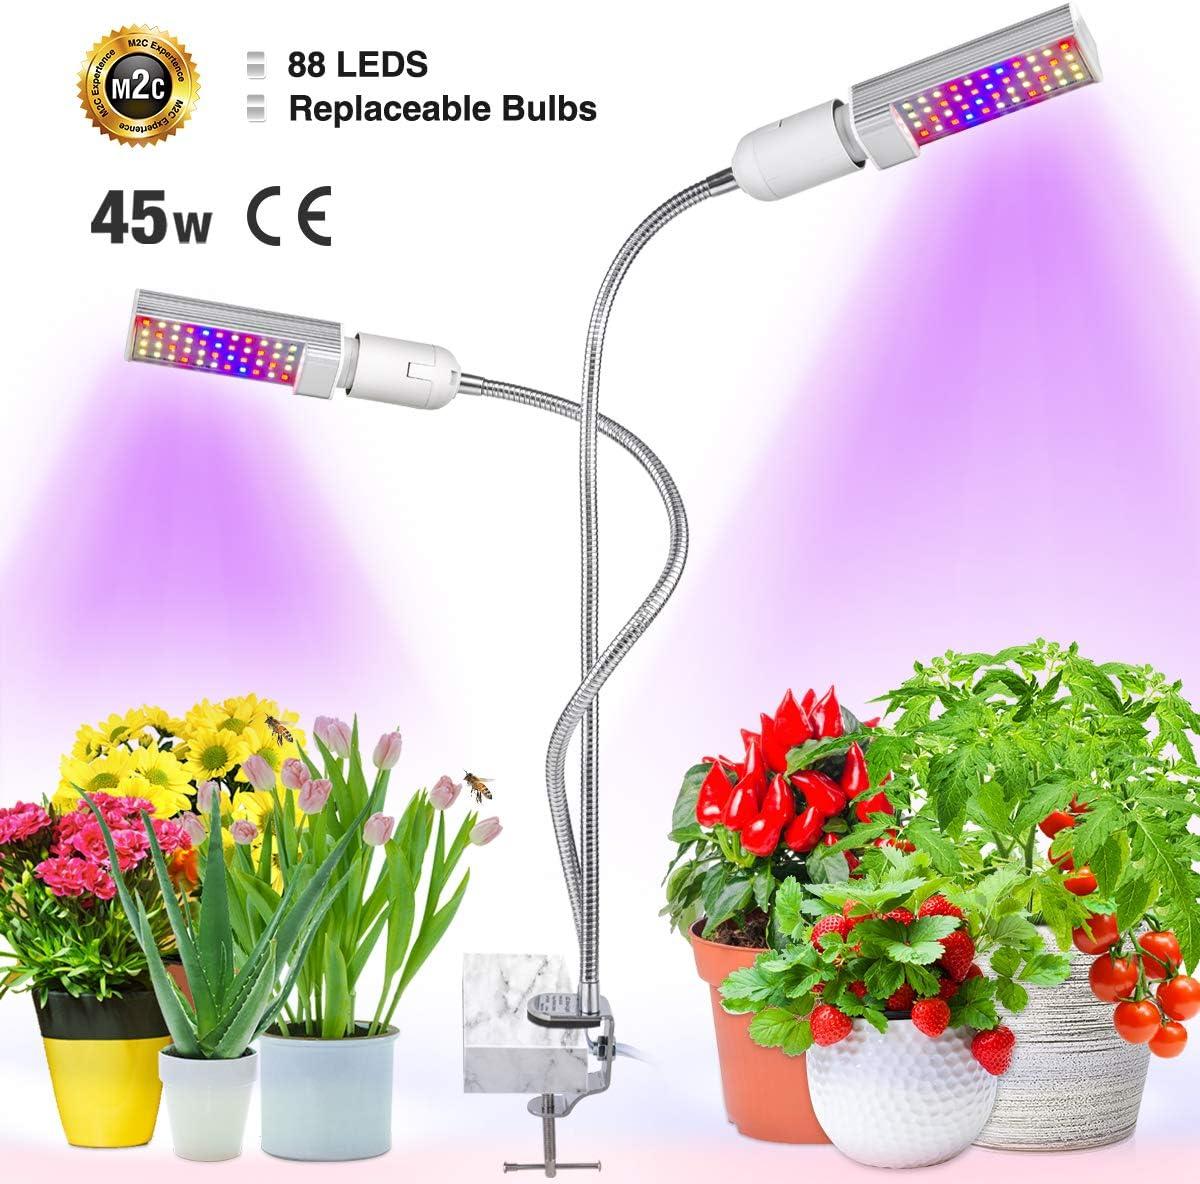 Bozily Lámpara de Plantas 45w, Lámpara de Cultivo LED de, Cabezal Dual de Espectro Completo, 88 LEDs, Auto On/Off, para Siembra en Crecimiento, Germinación y Floración